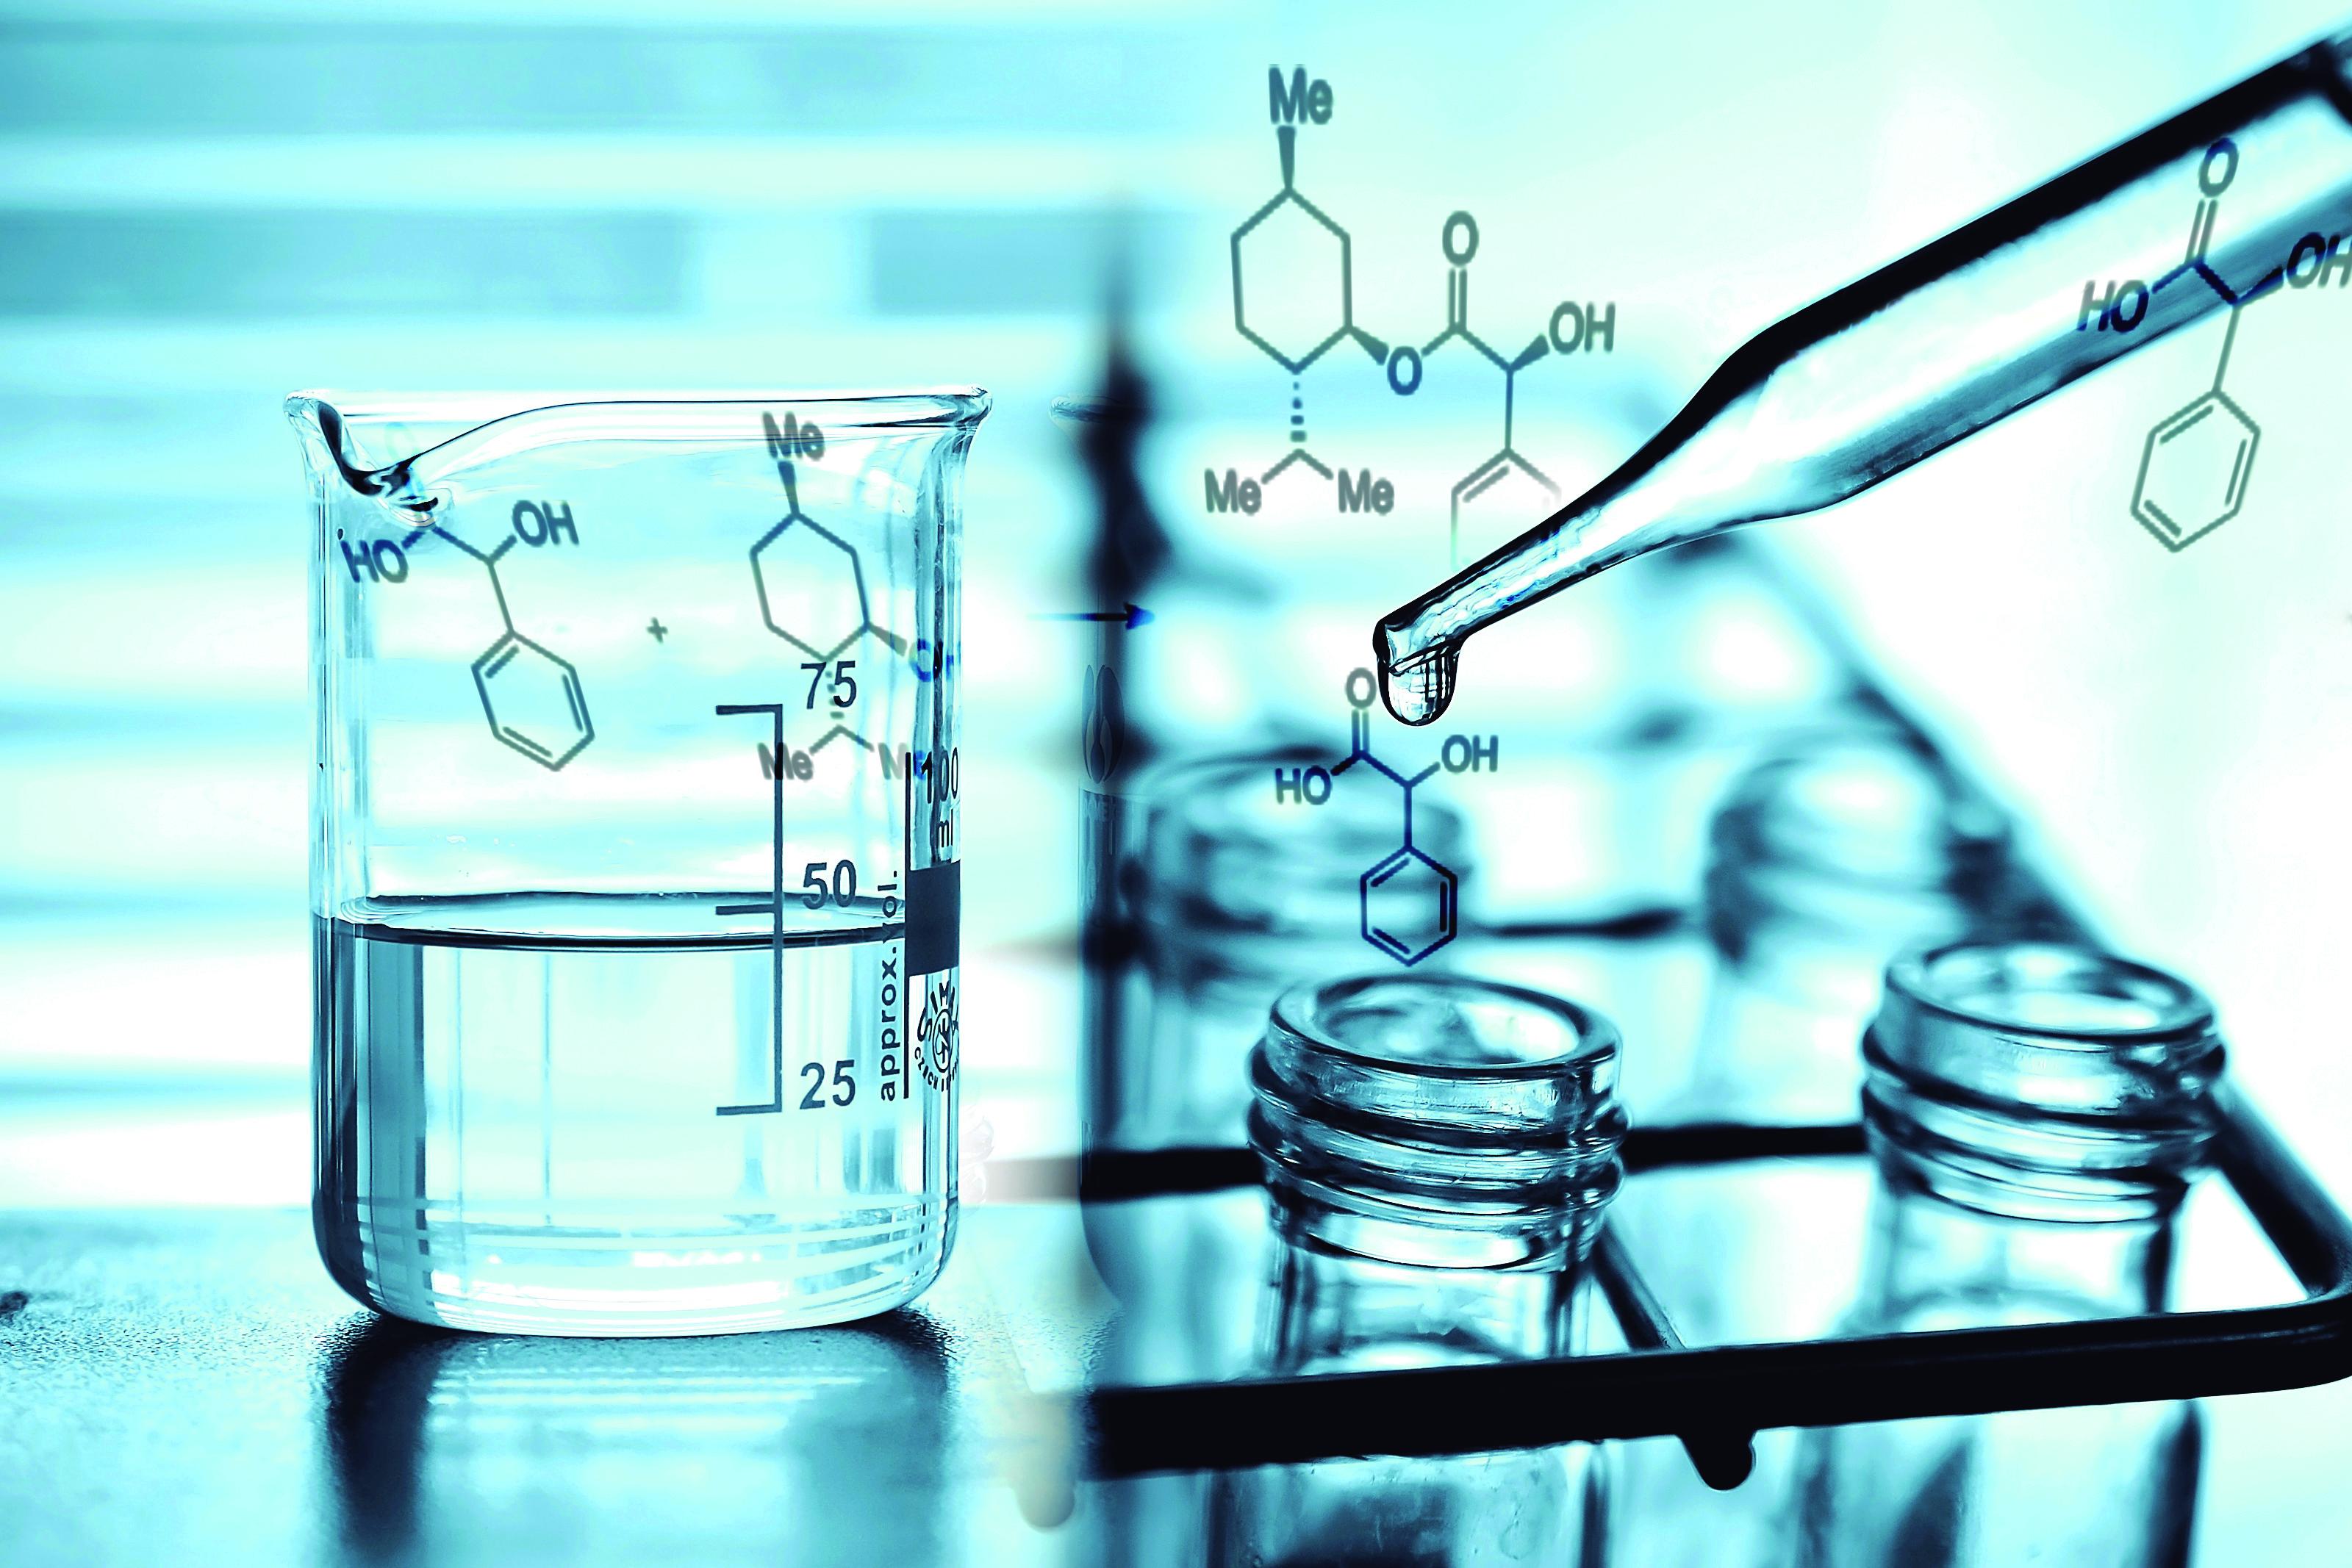 Productos químicos - Apliclor